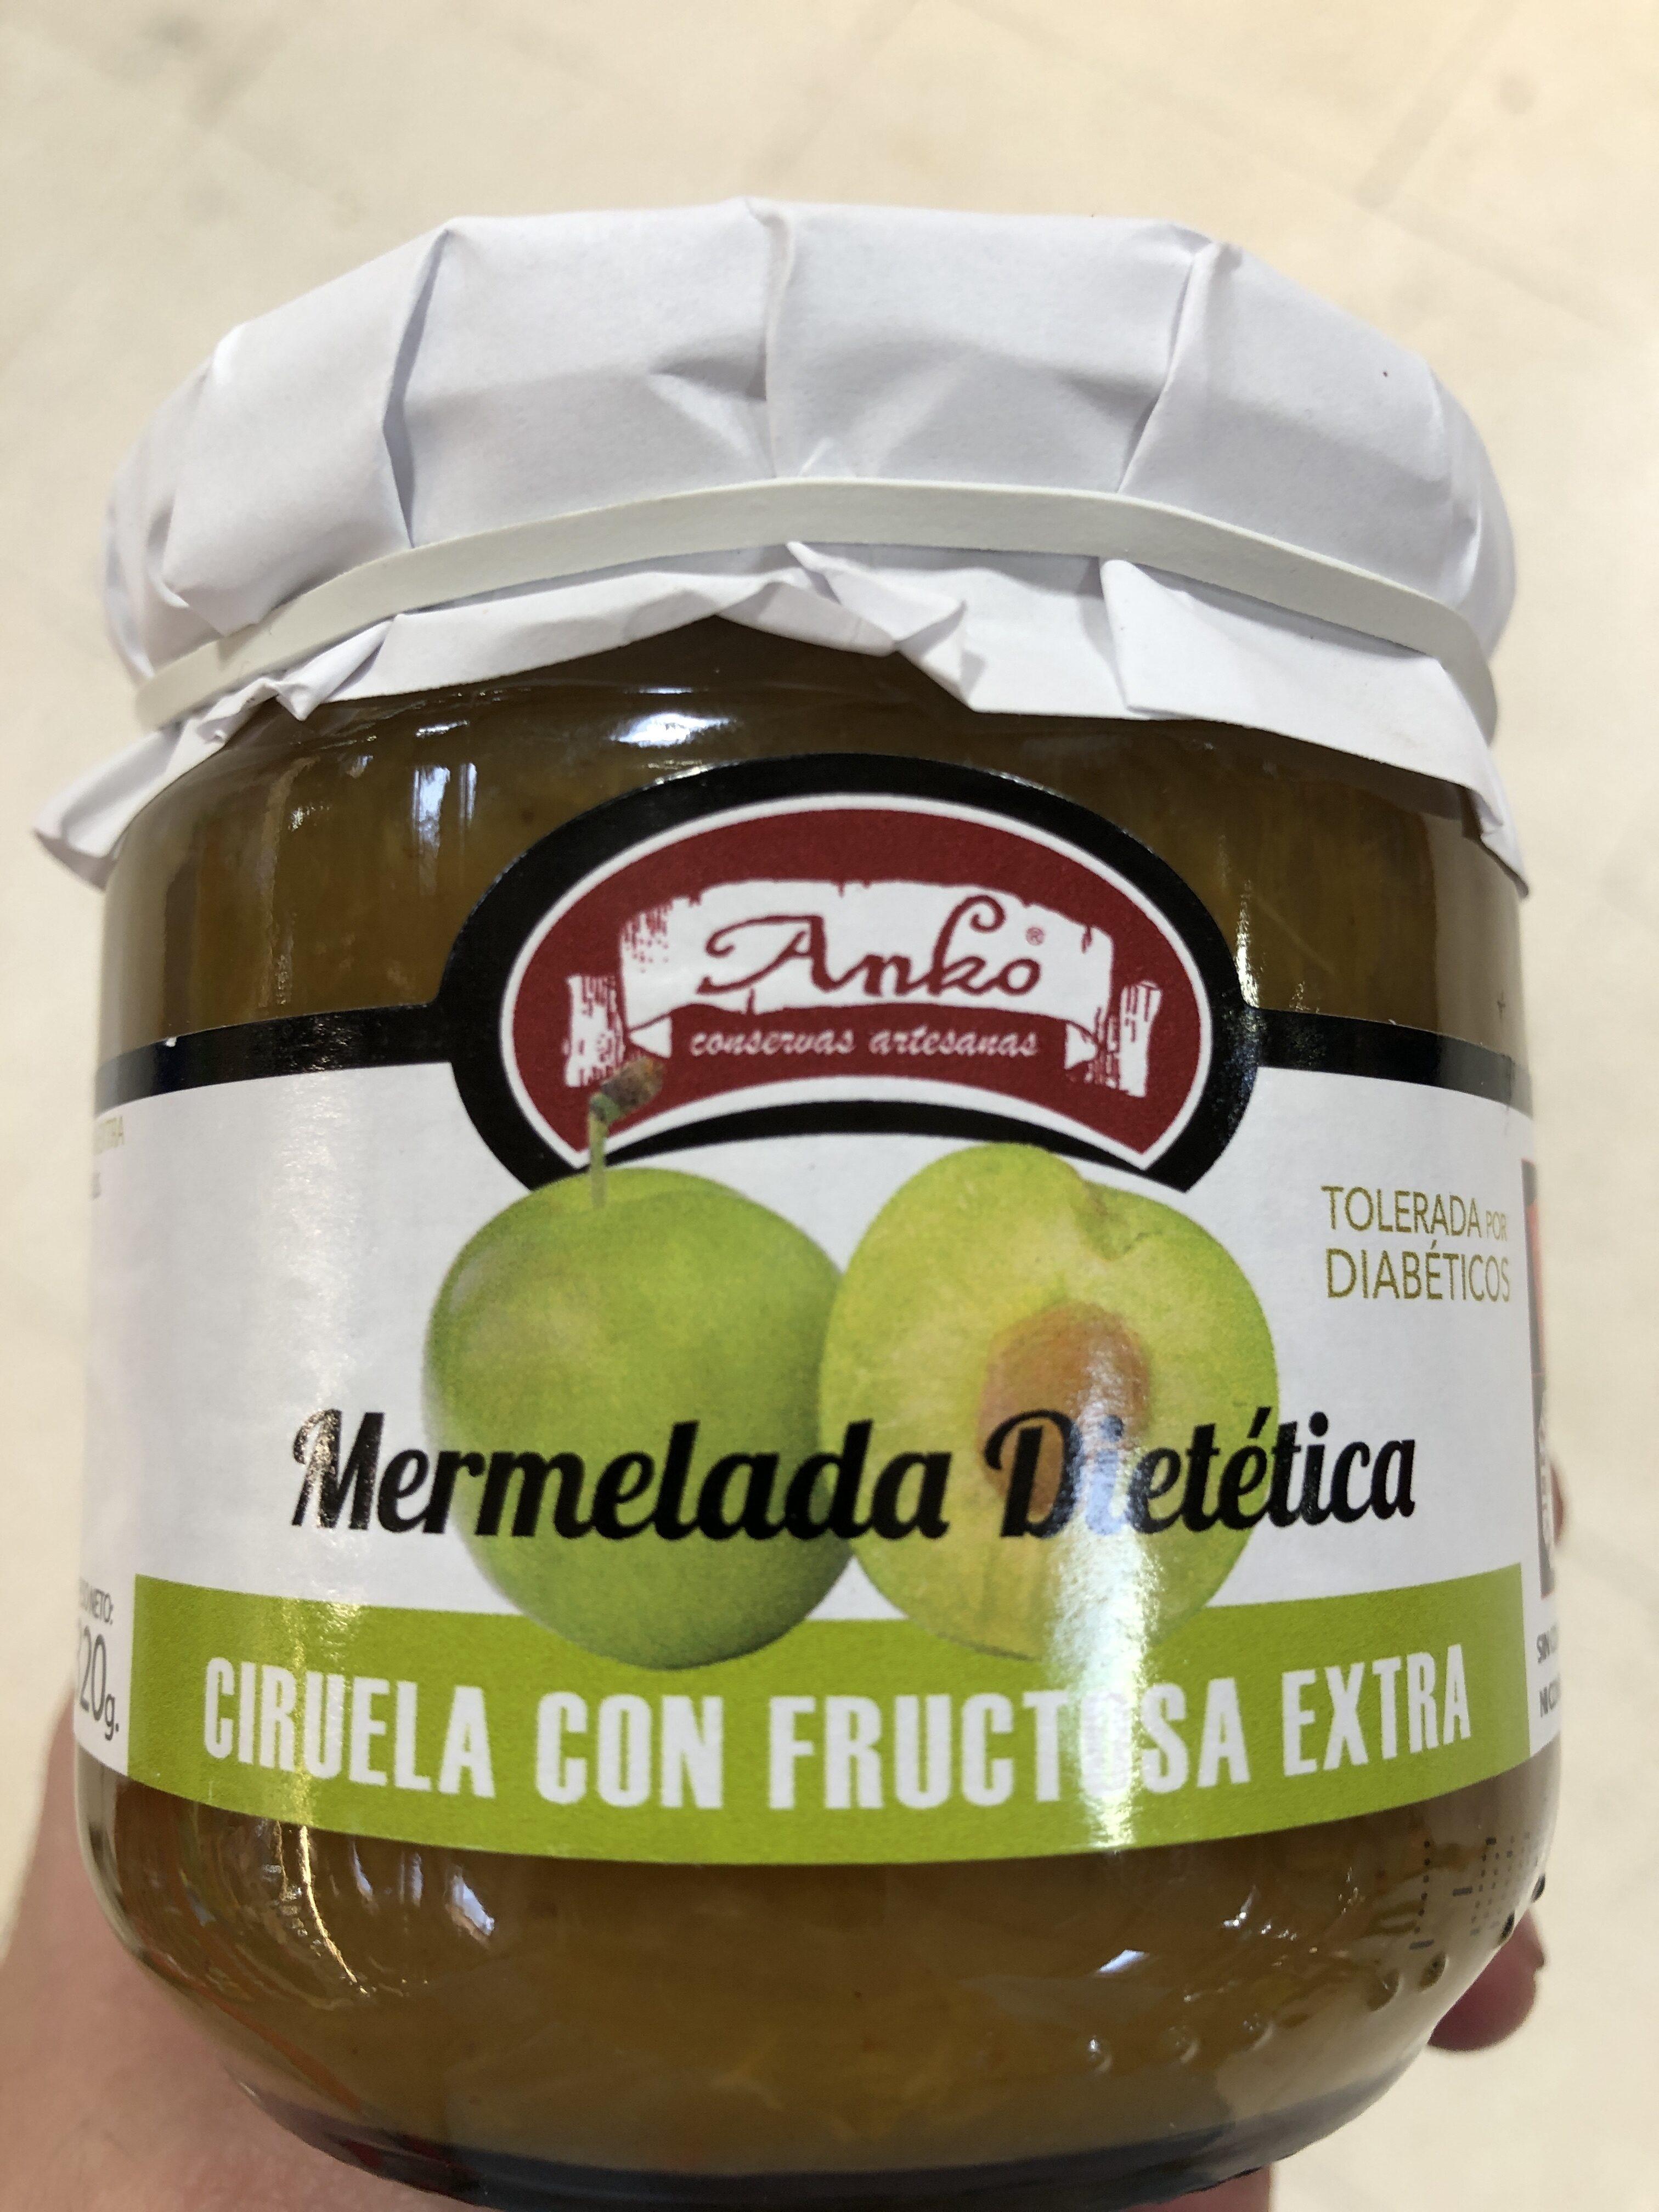 Mermelada dietetica ciruela - Producto